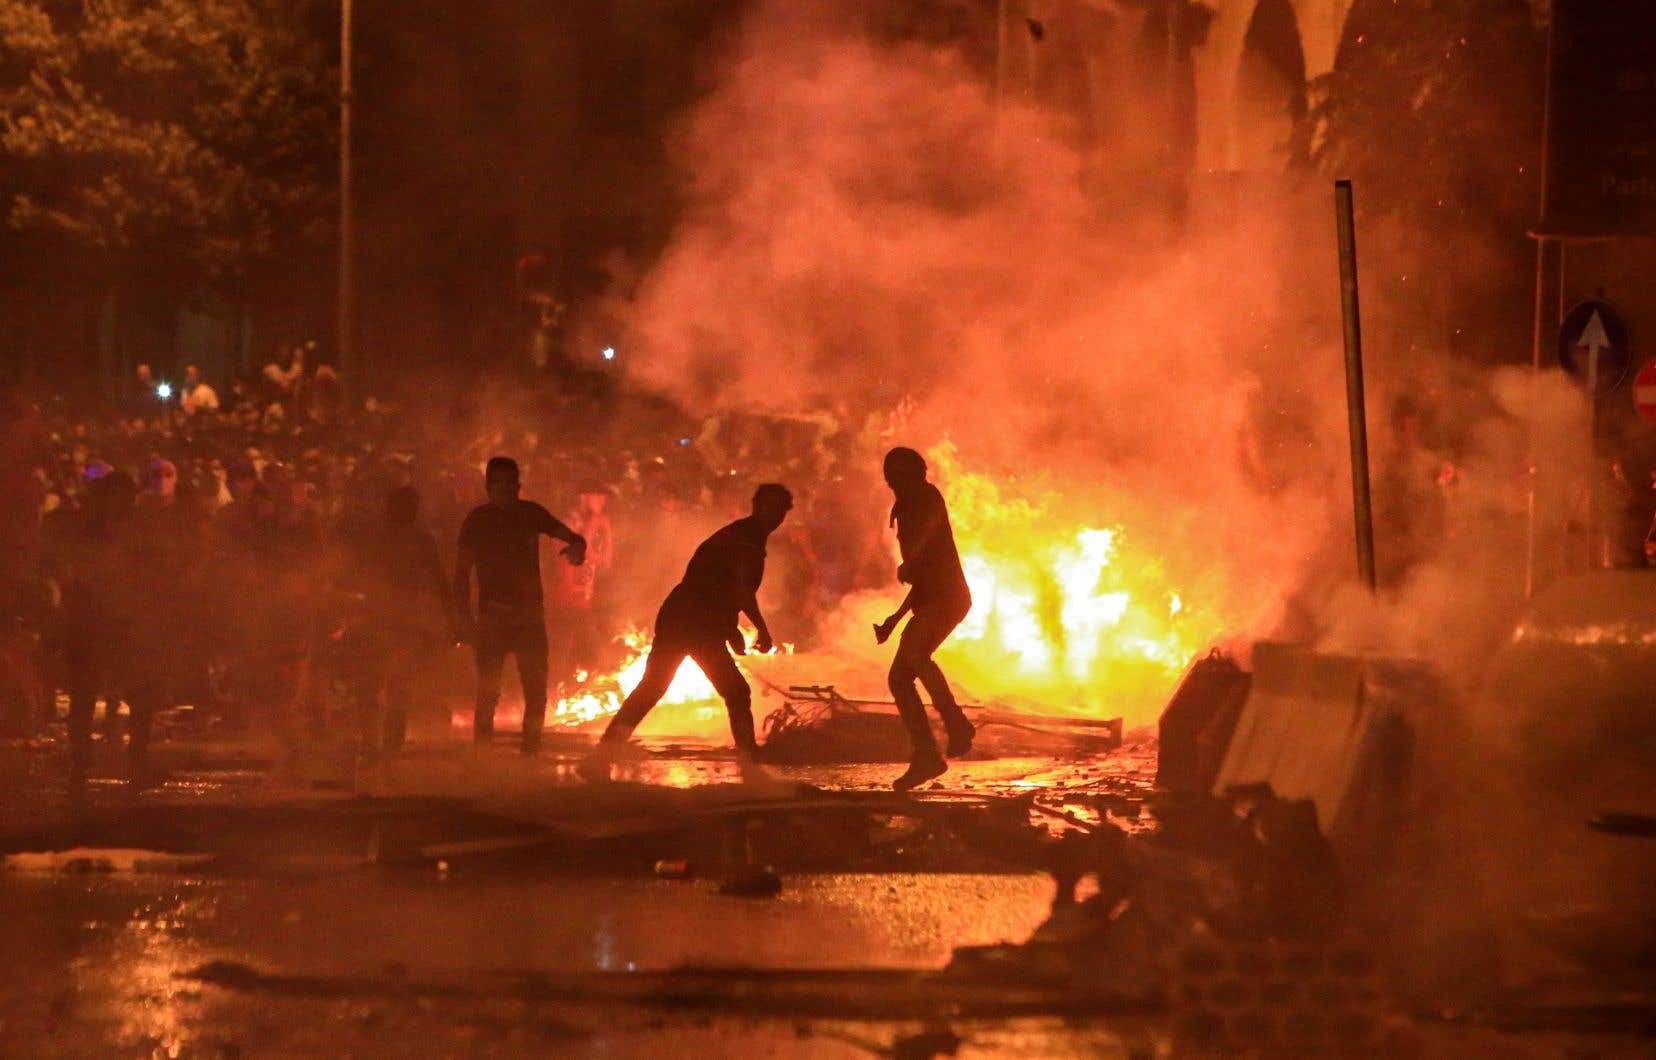 Des manifestants ont mis le feu à des pneus sur la place Riad al-Solh, dans le centre-ville de Beyrouth.